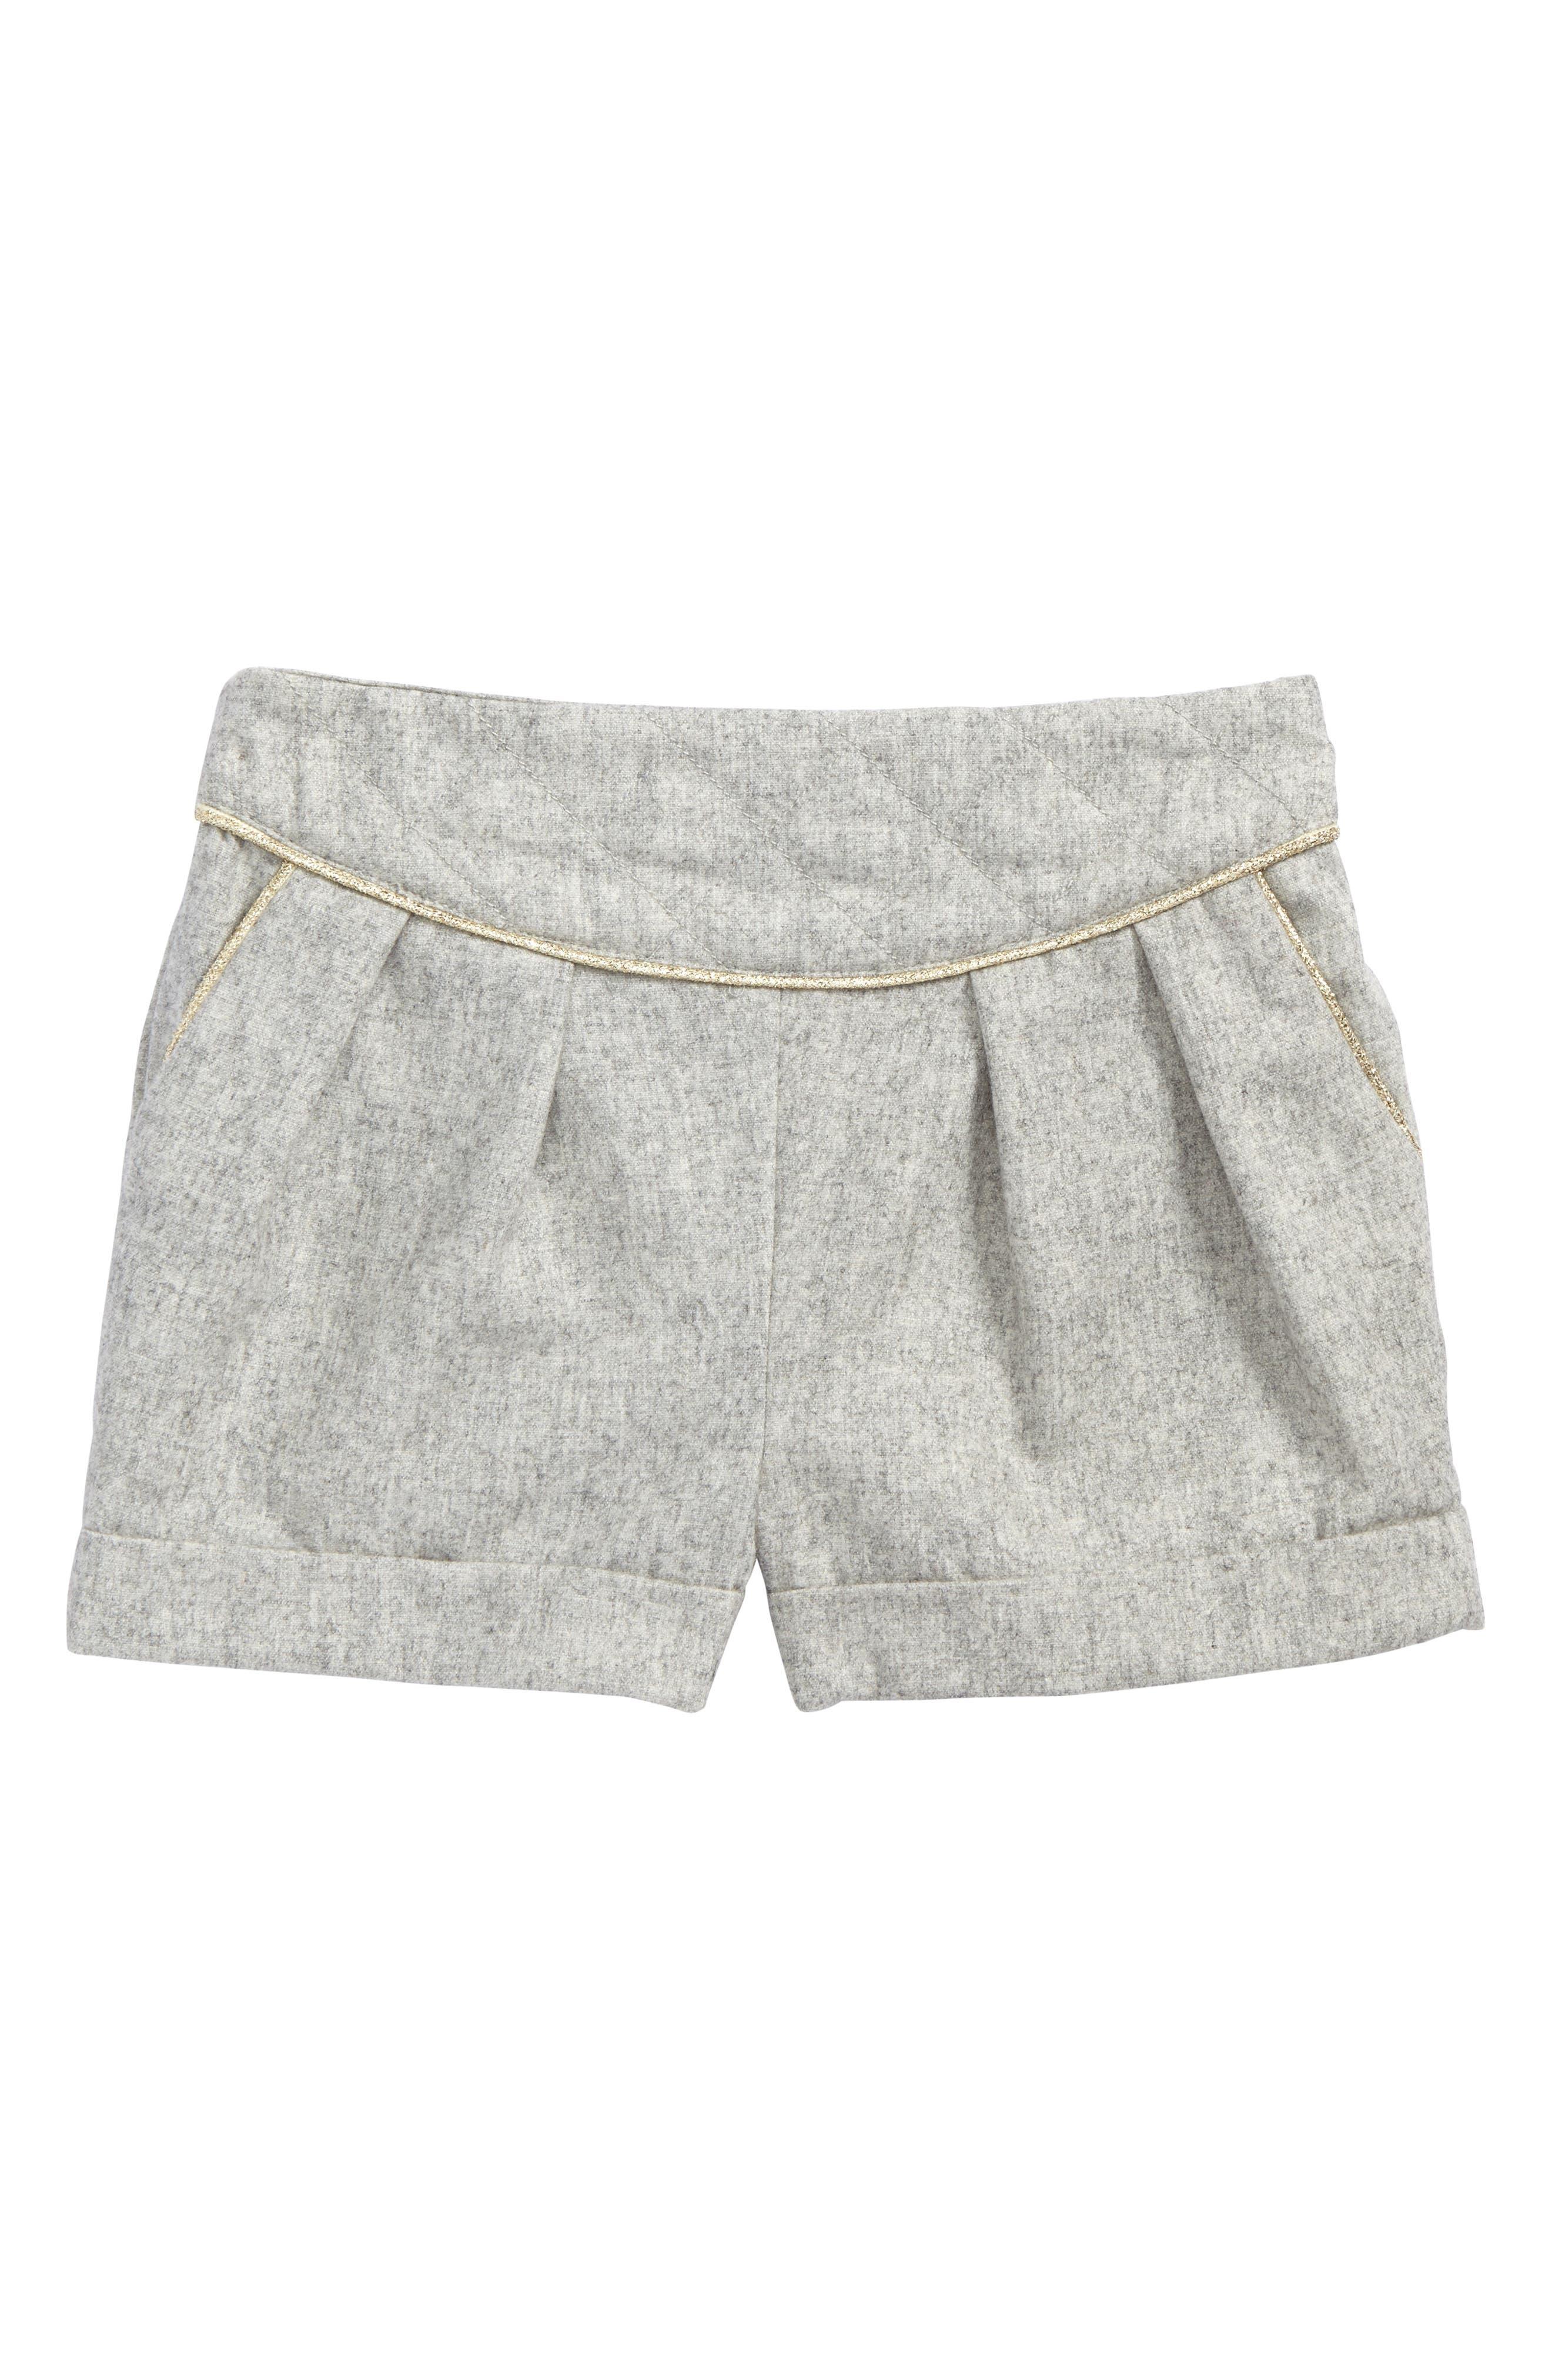 Diamond Shorts,                             Main thumbnail 1, color,                             Pale Grey